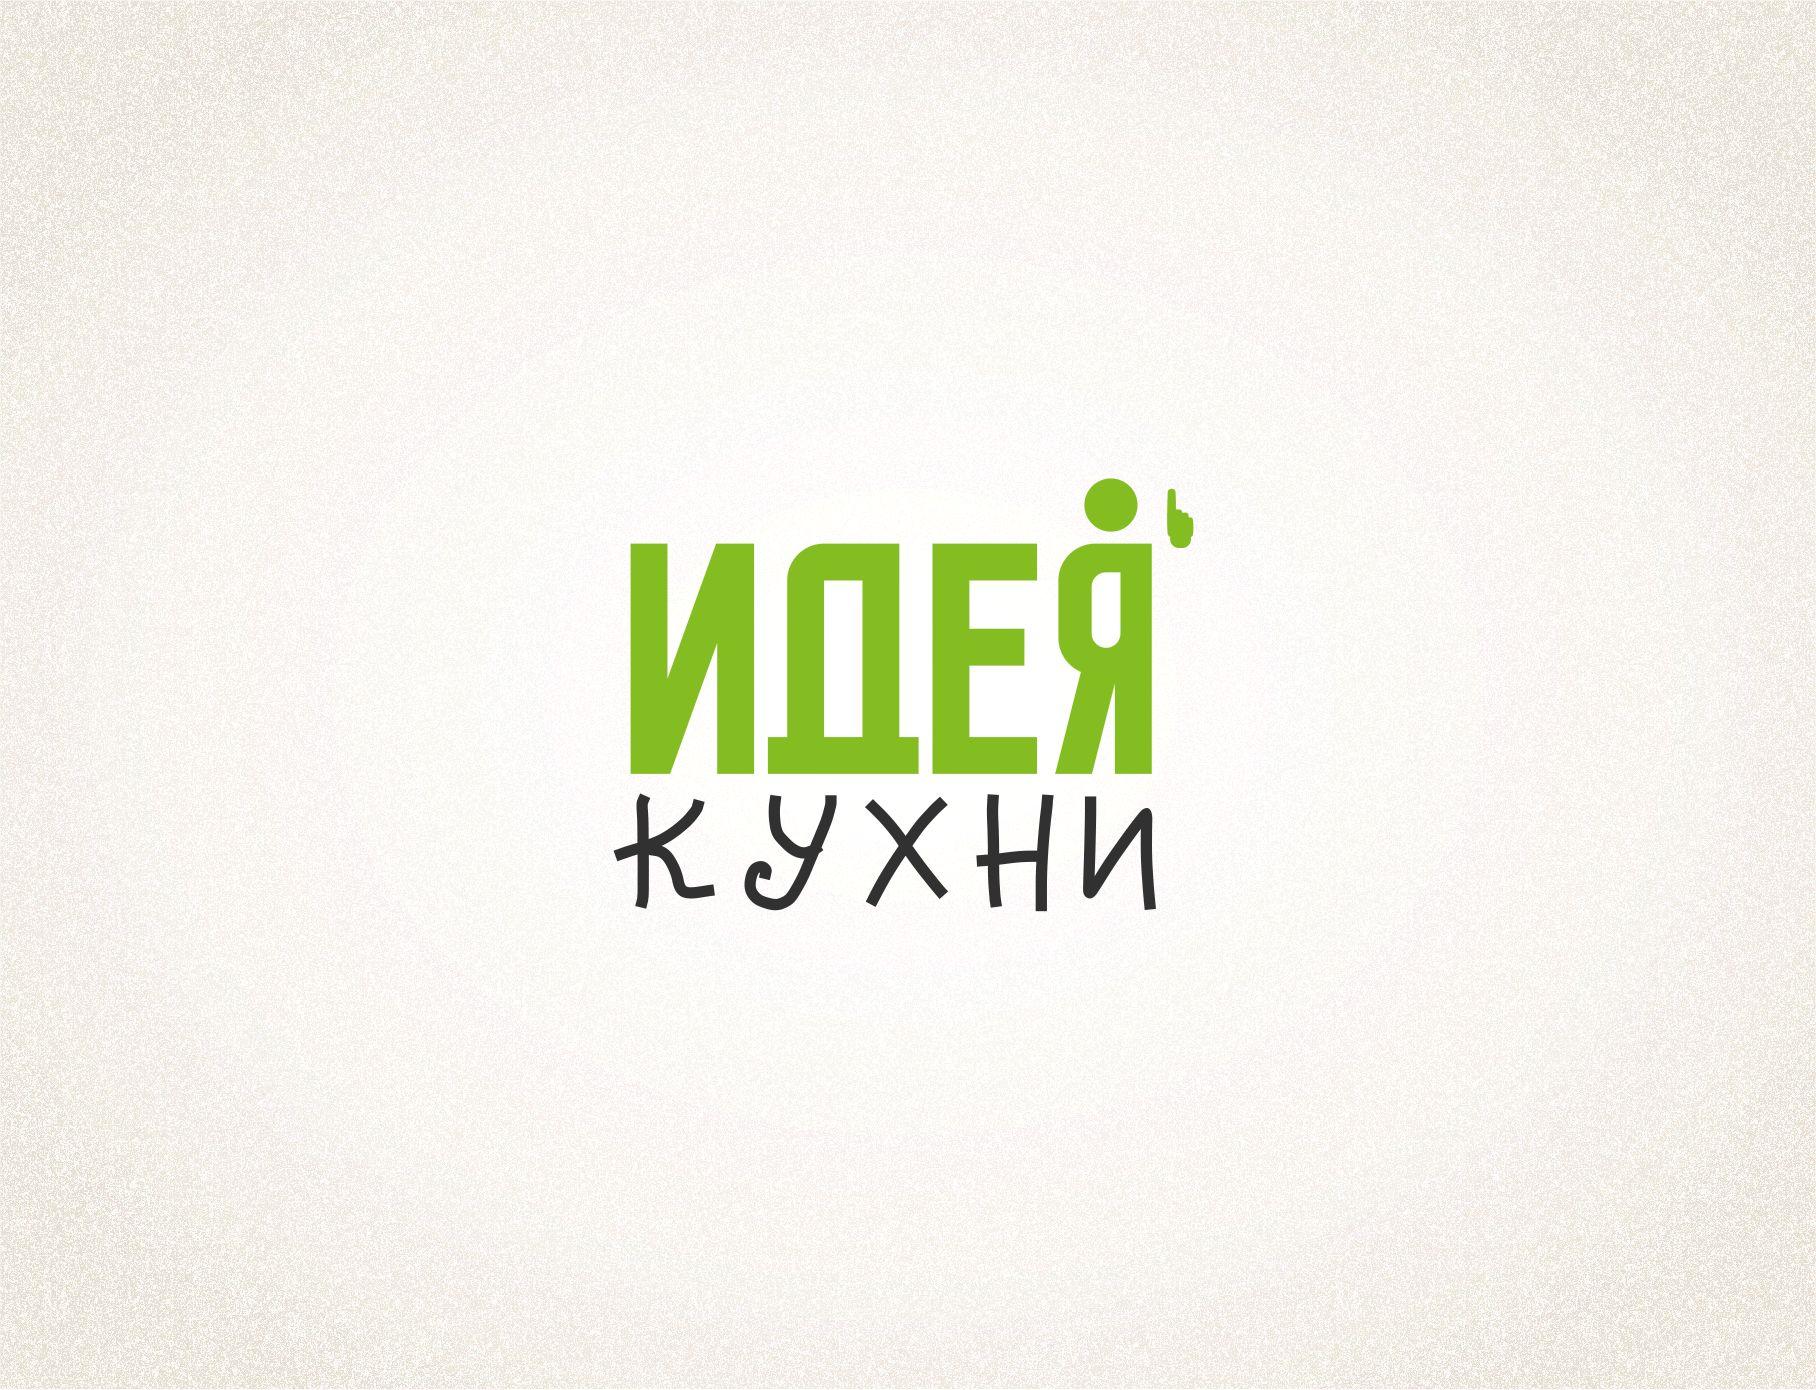 Логотип для Идея кухни - дизайнер Zheentoro